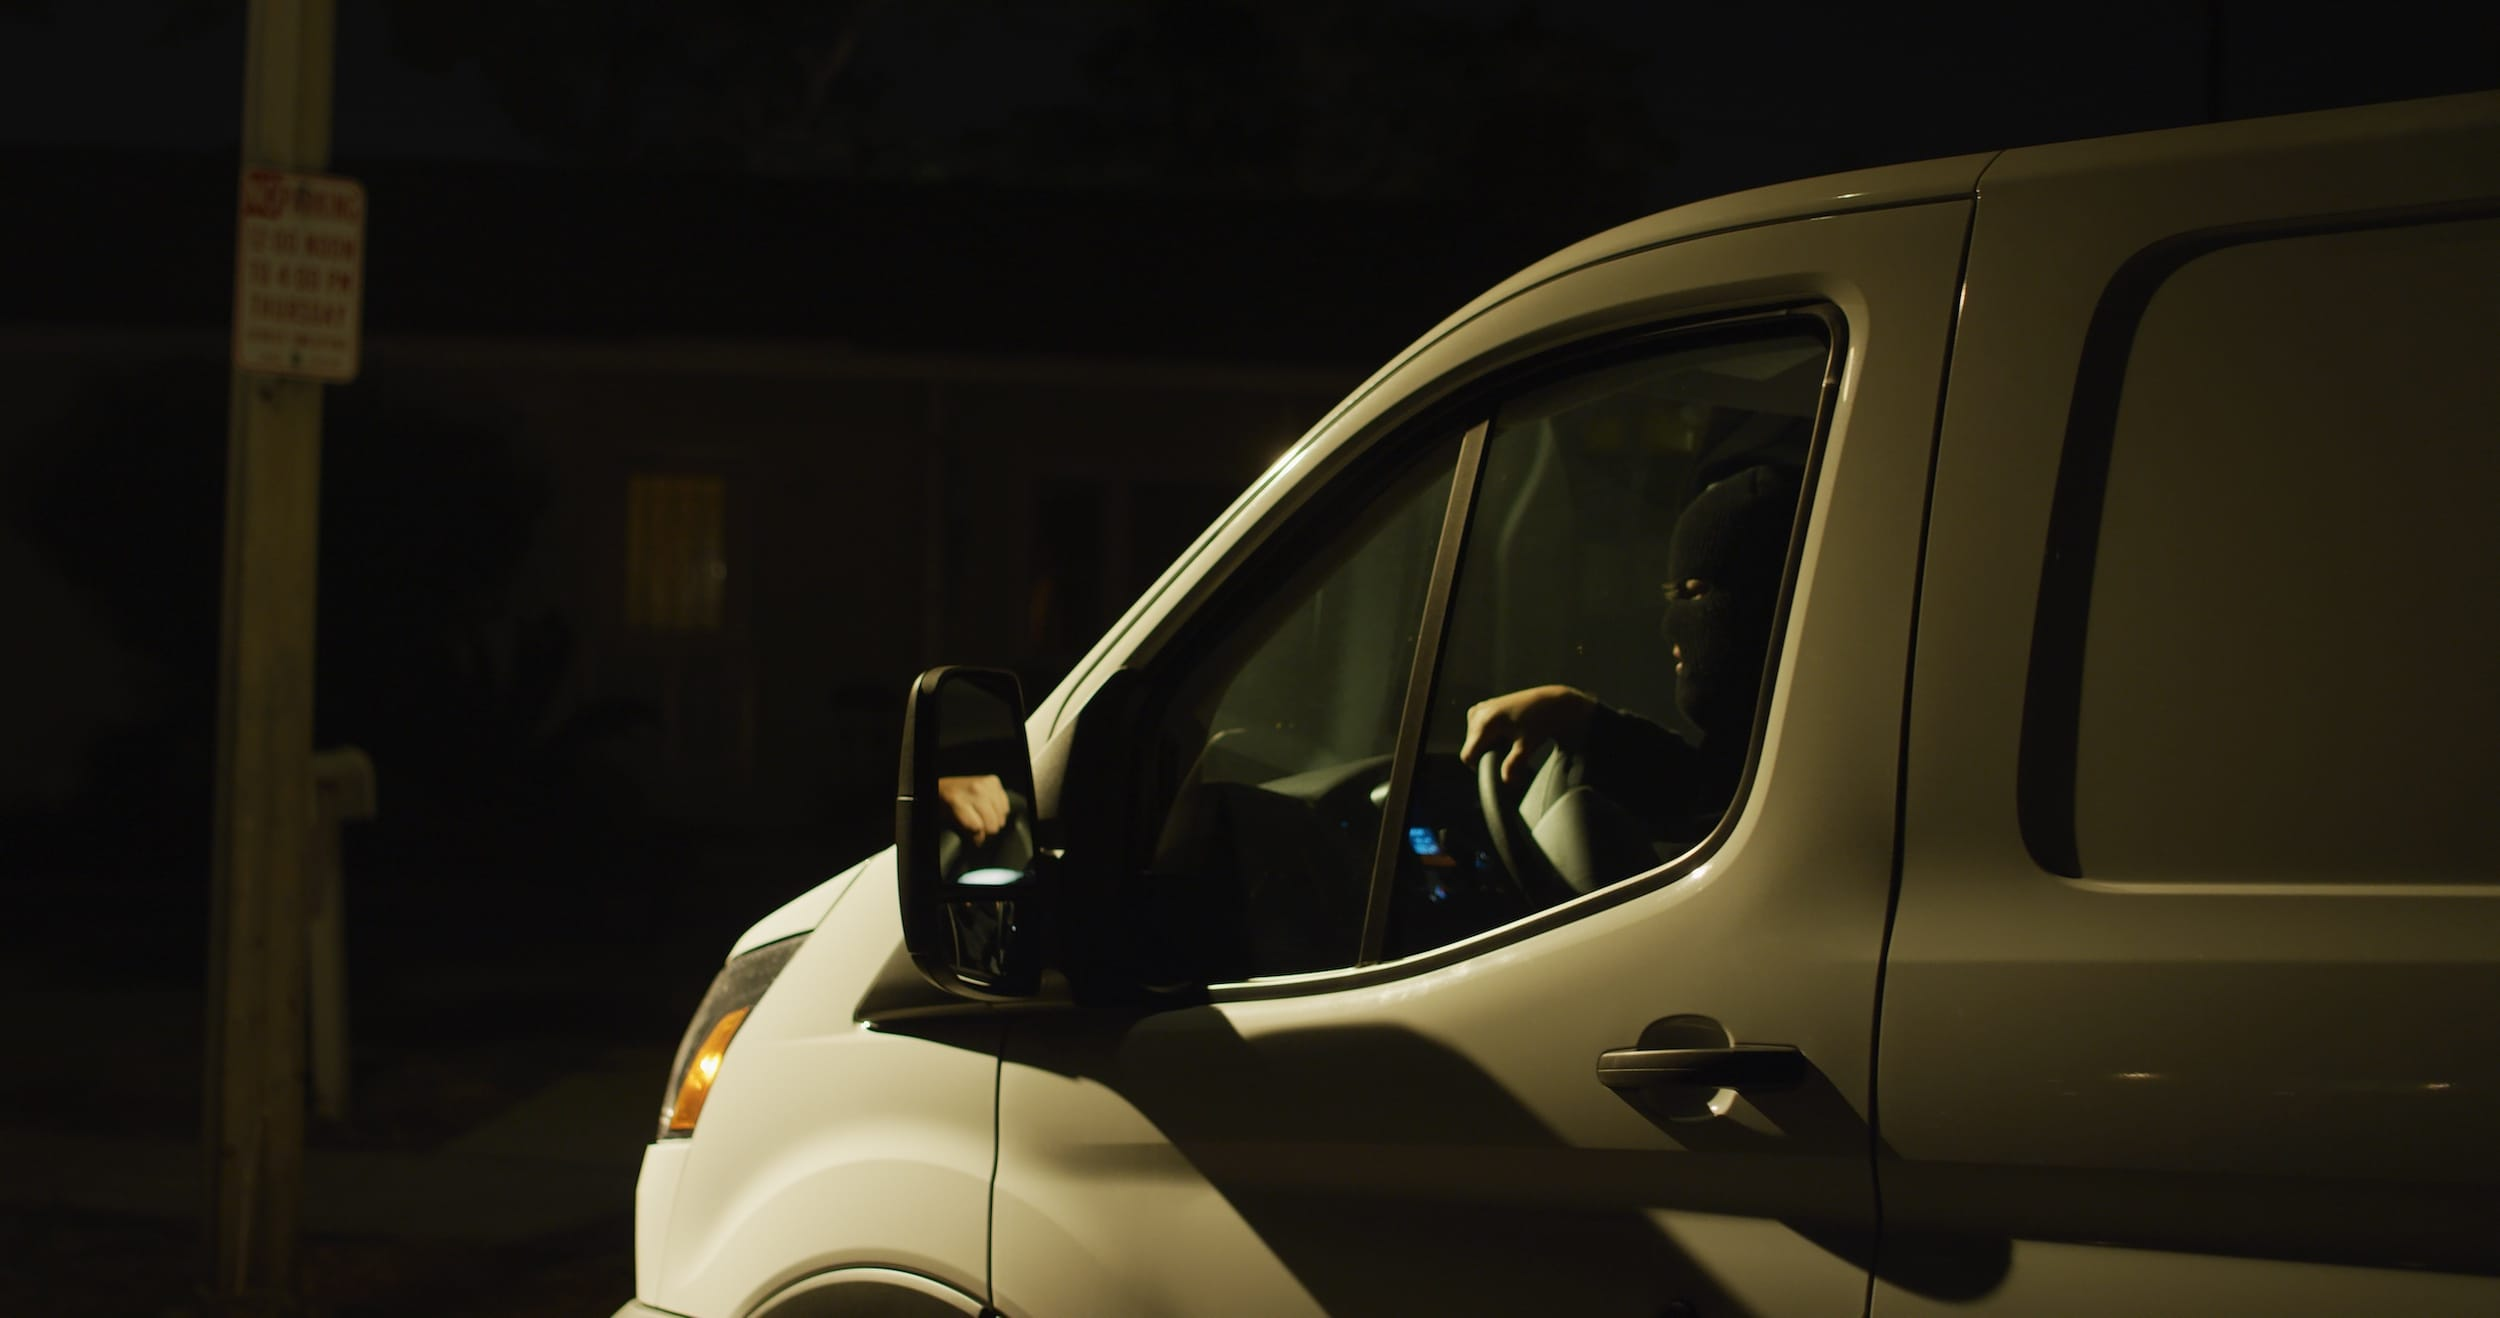 Driver pulls up in his menacing white van